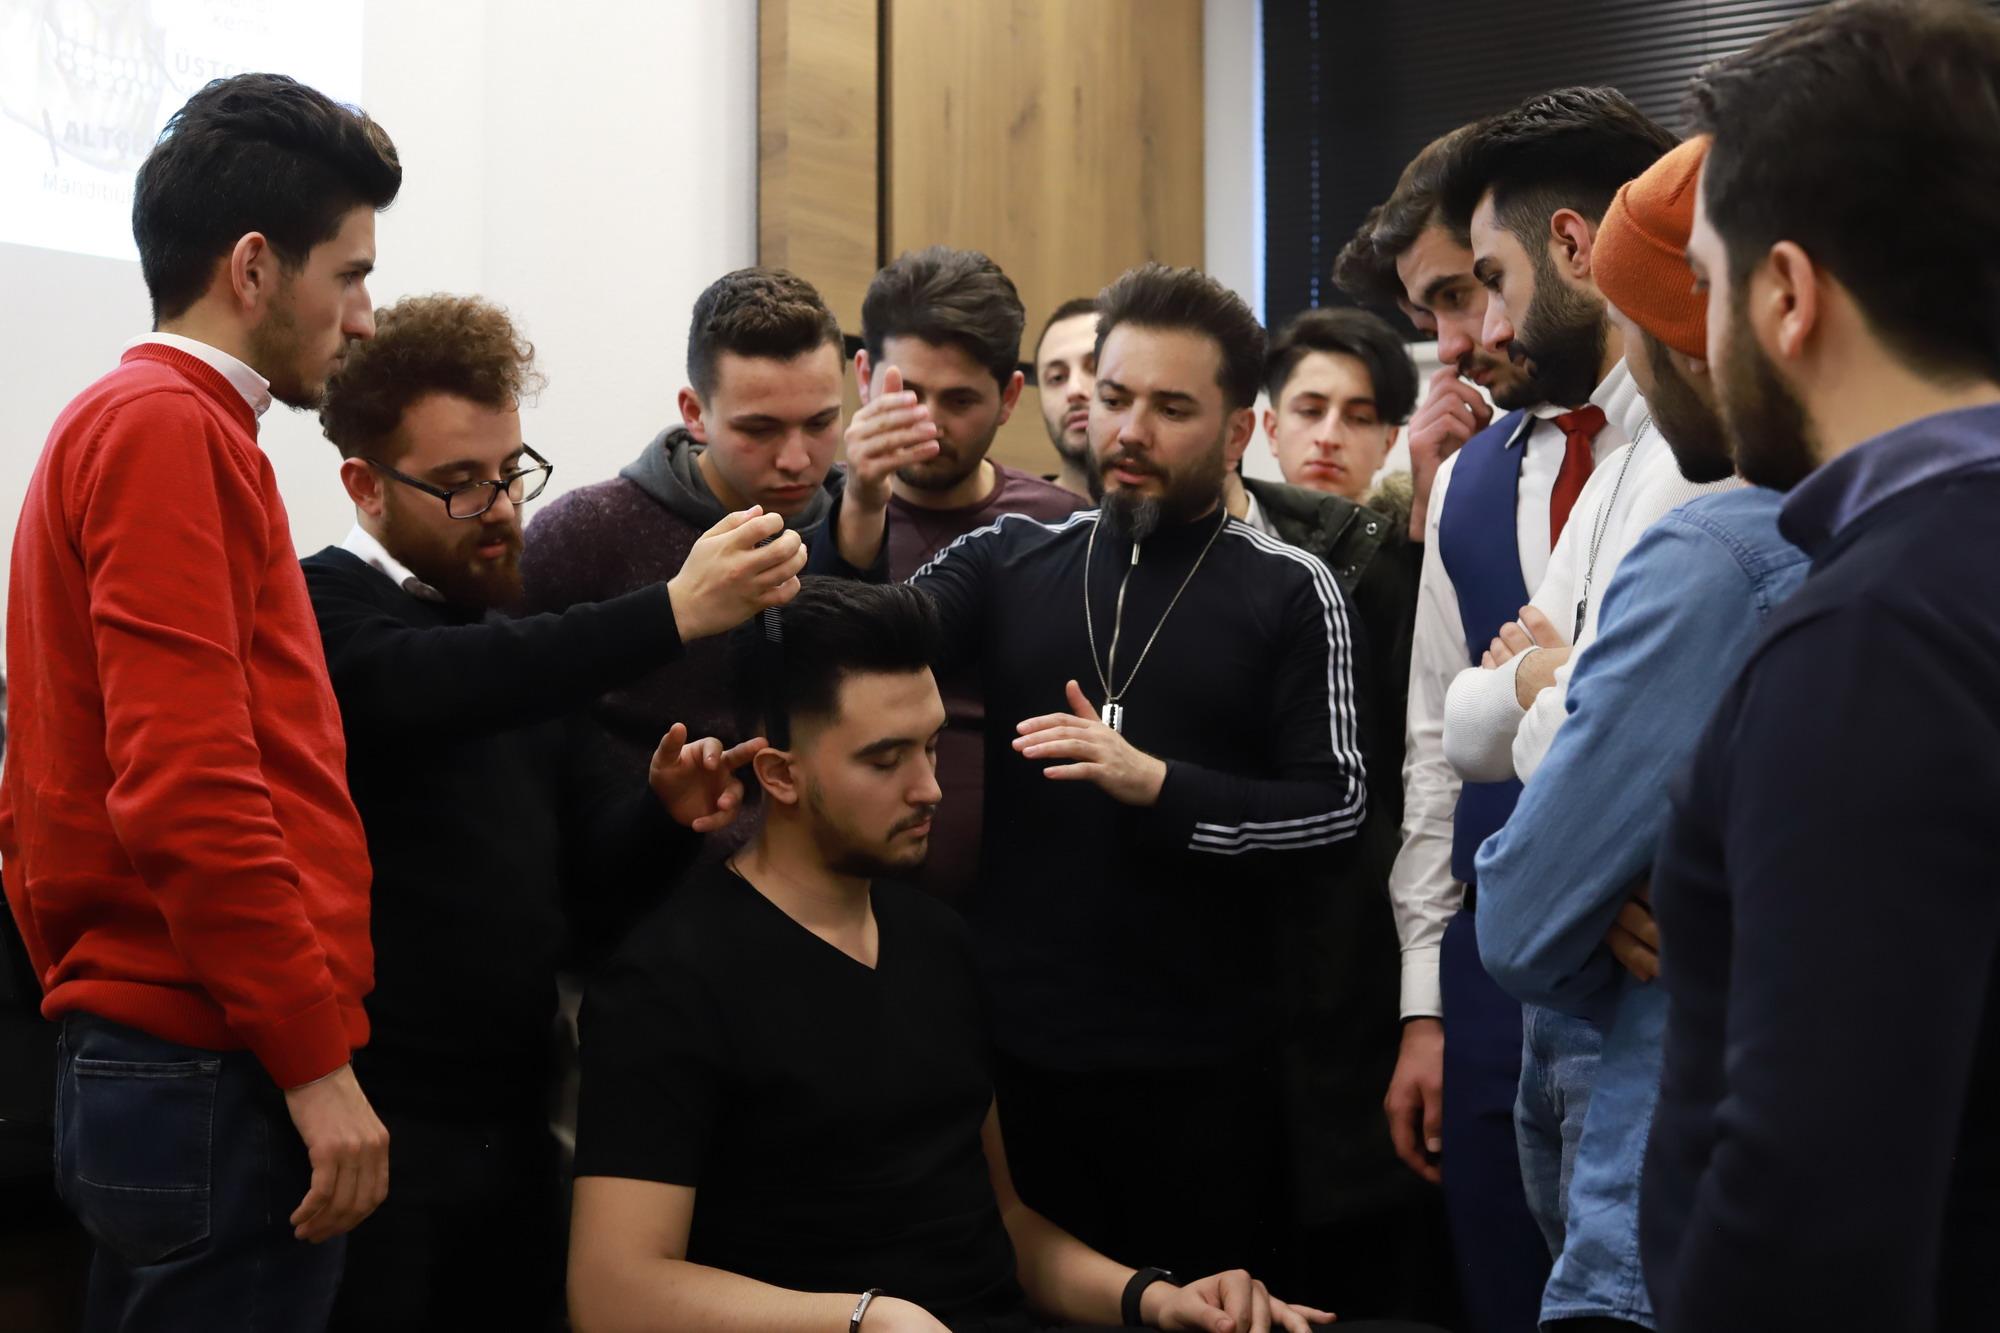 ALPEDA AKADEMİ'DE KADİR ALKAN İLE SAÇ KESİM EĞİTİMİ